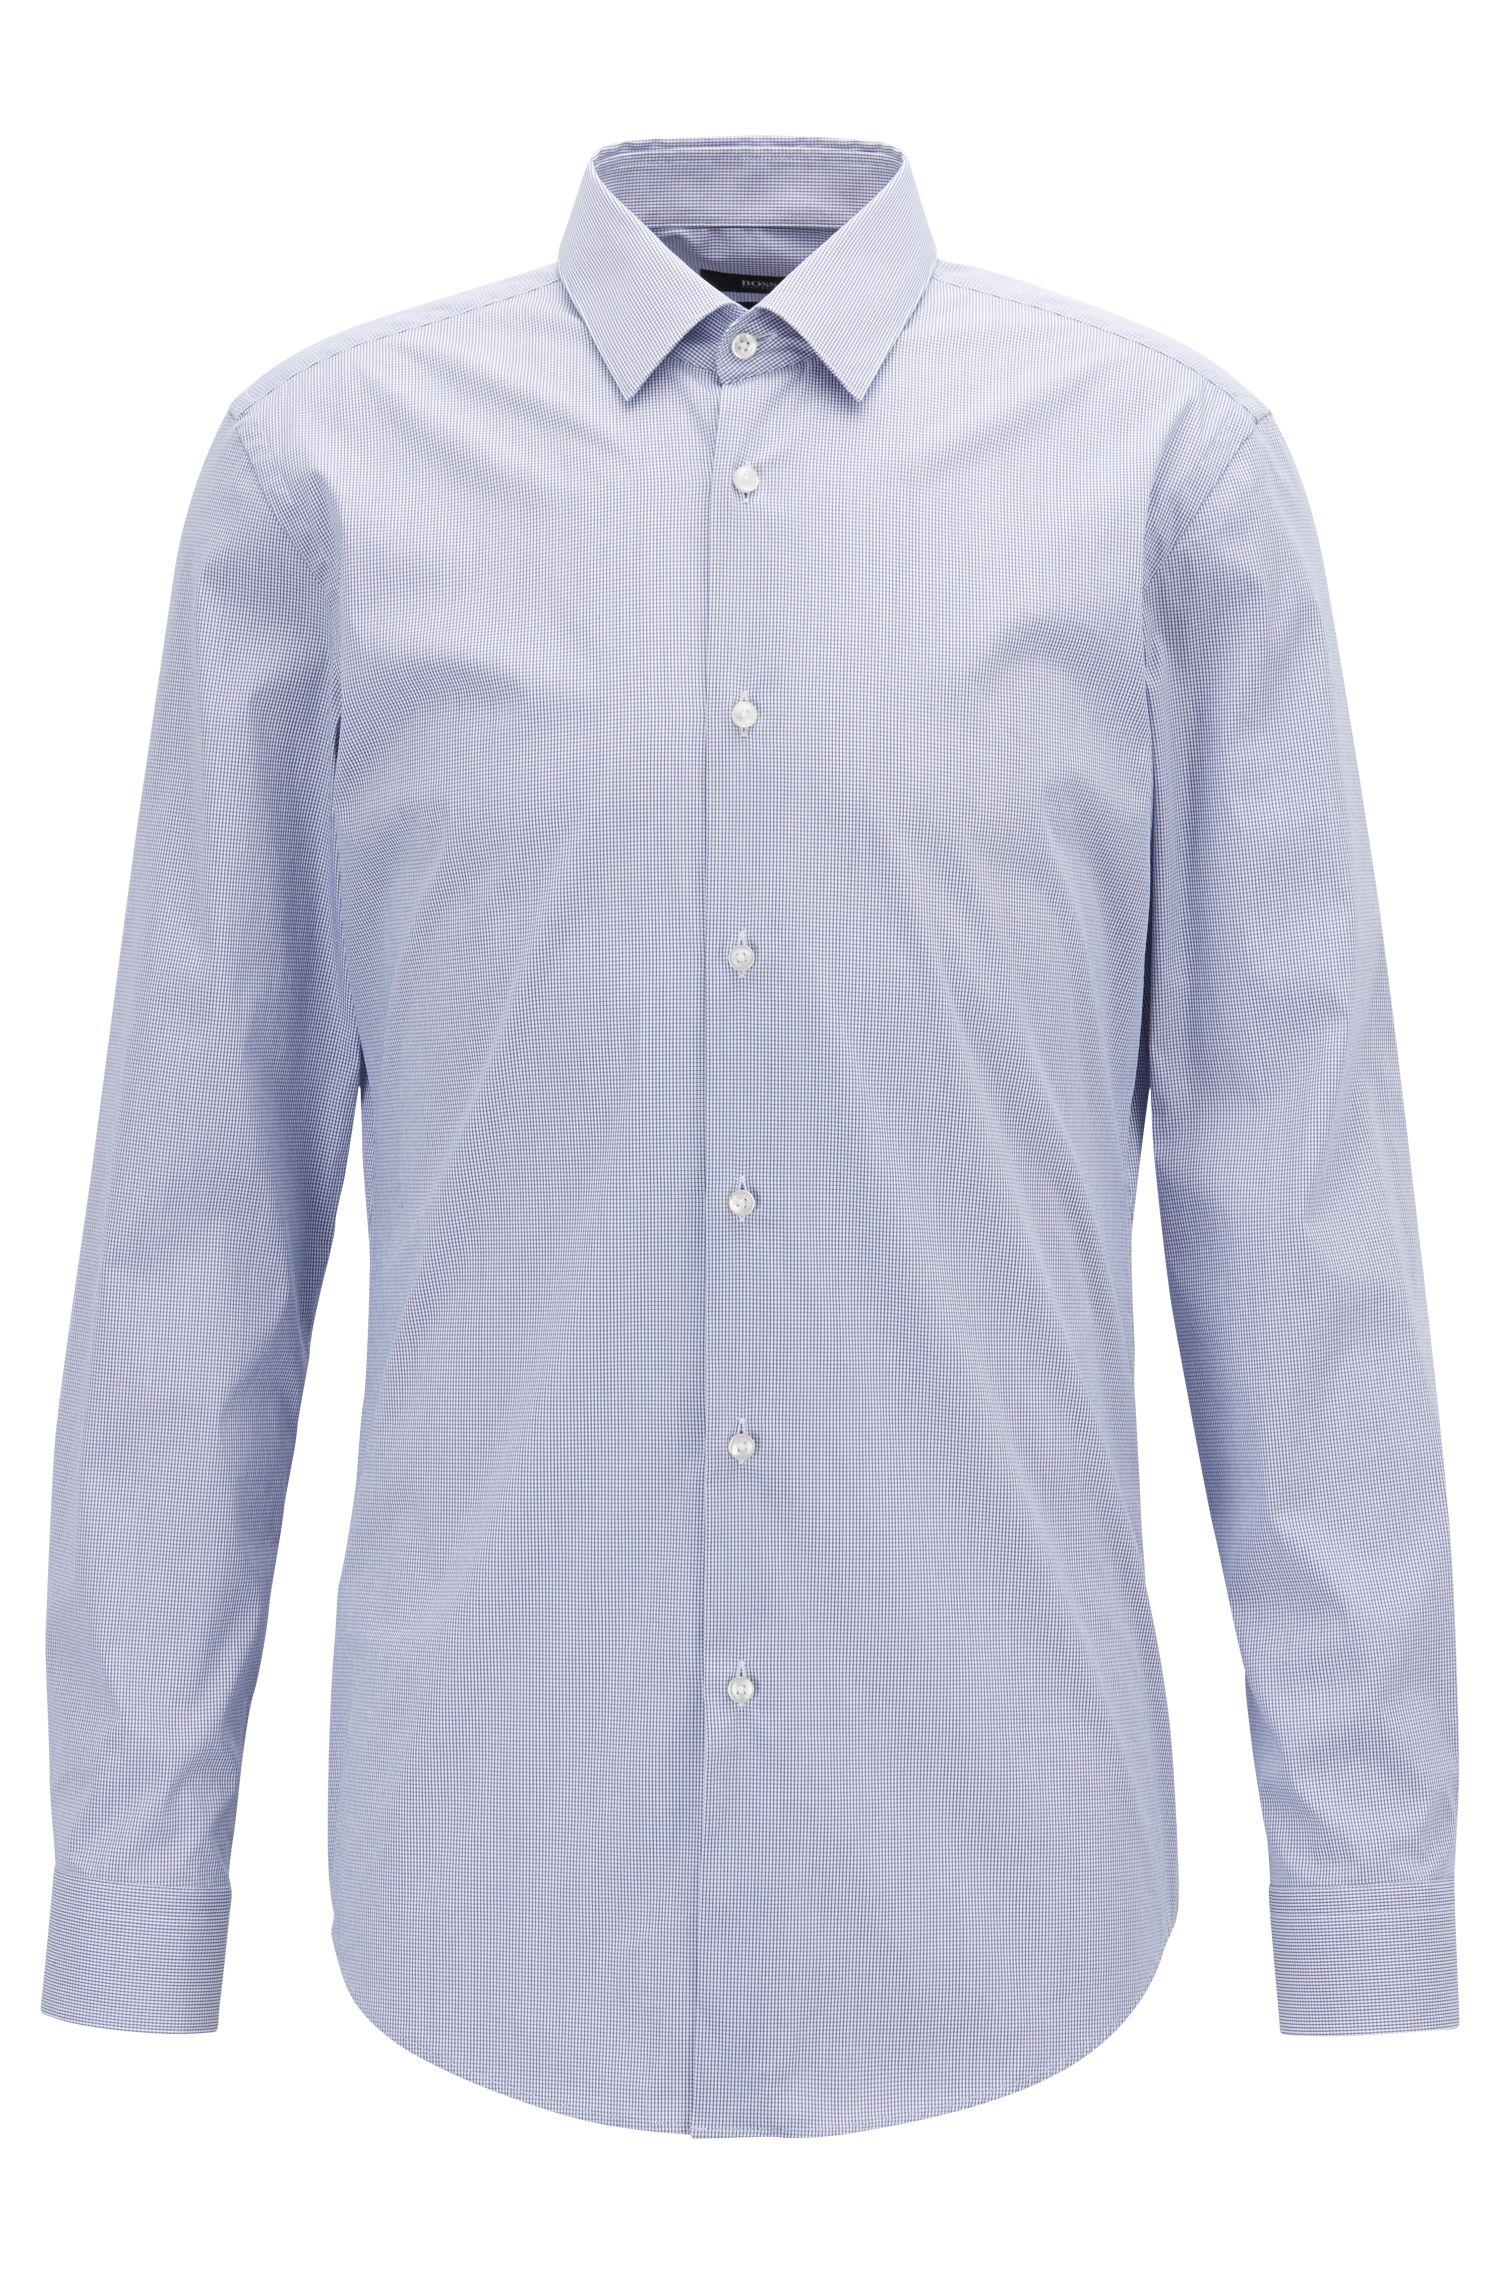 Extra Slim-Fit Hemd aus elastischem Baumwoll-Mix mit Karo-Dessin, Blau